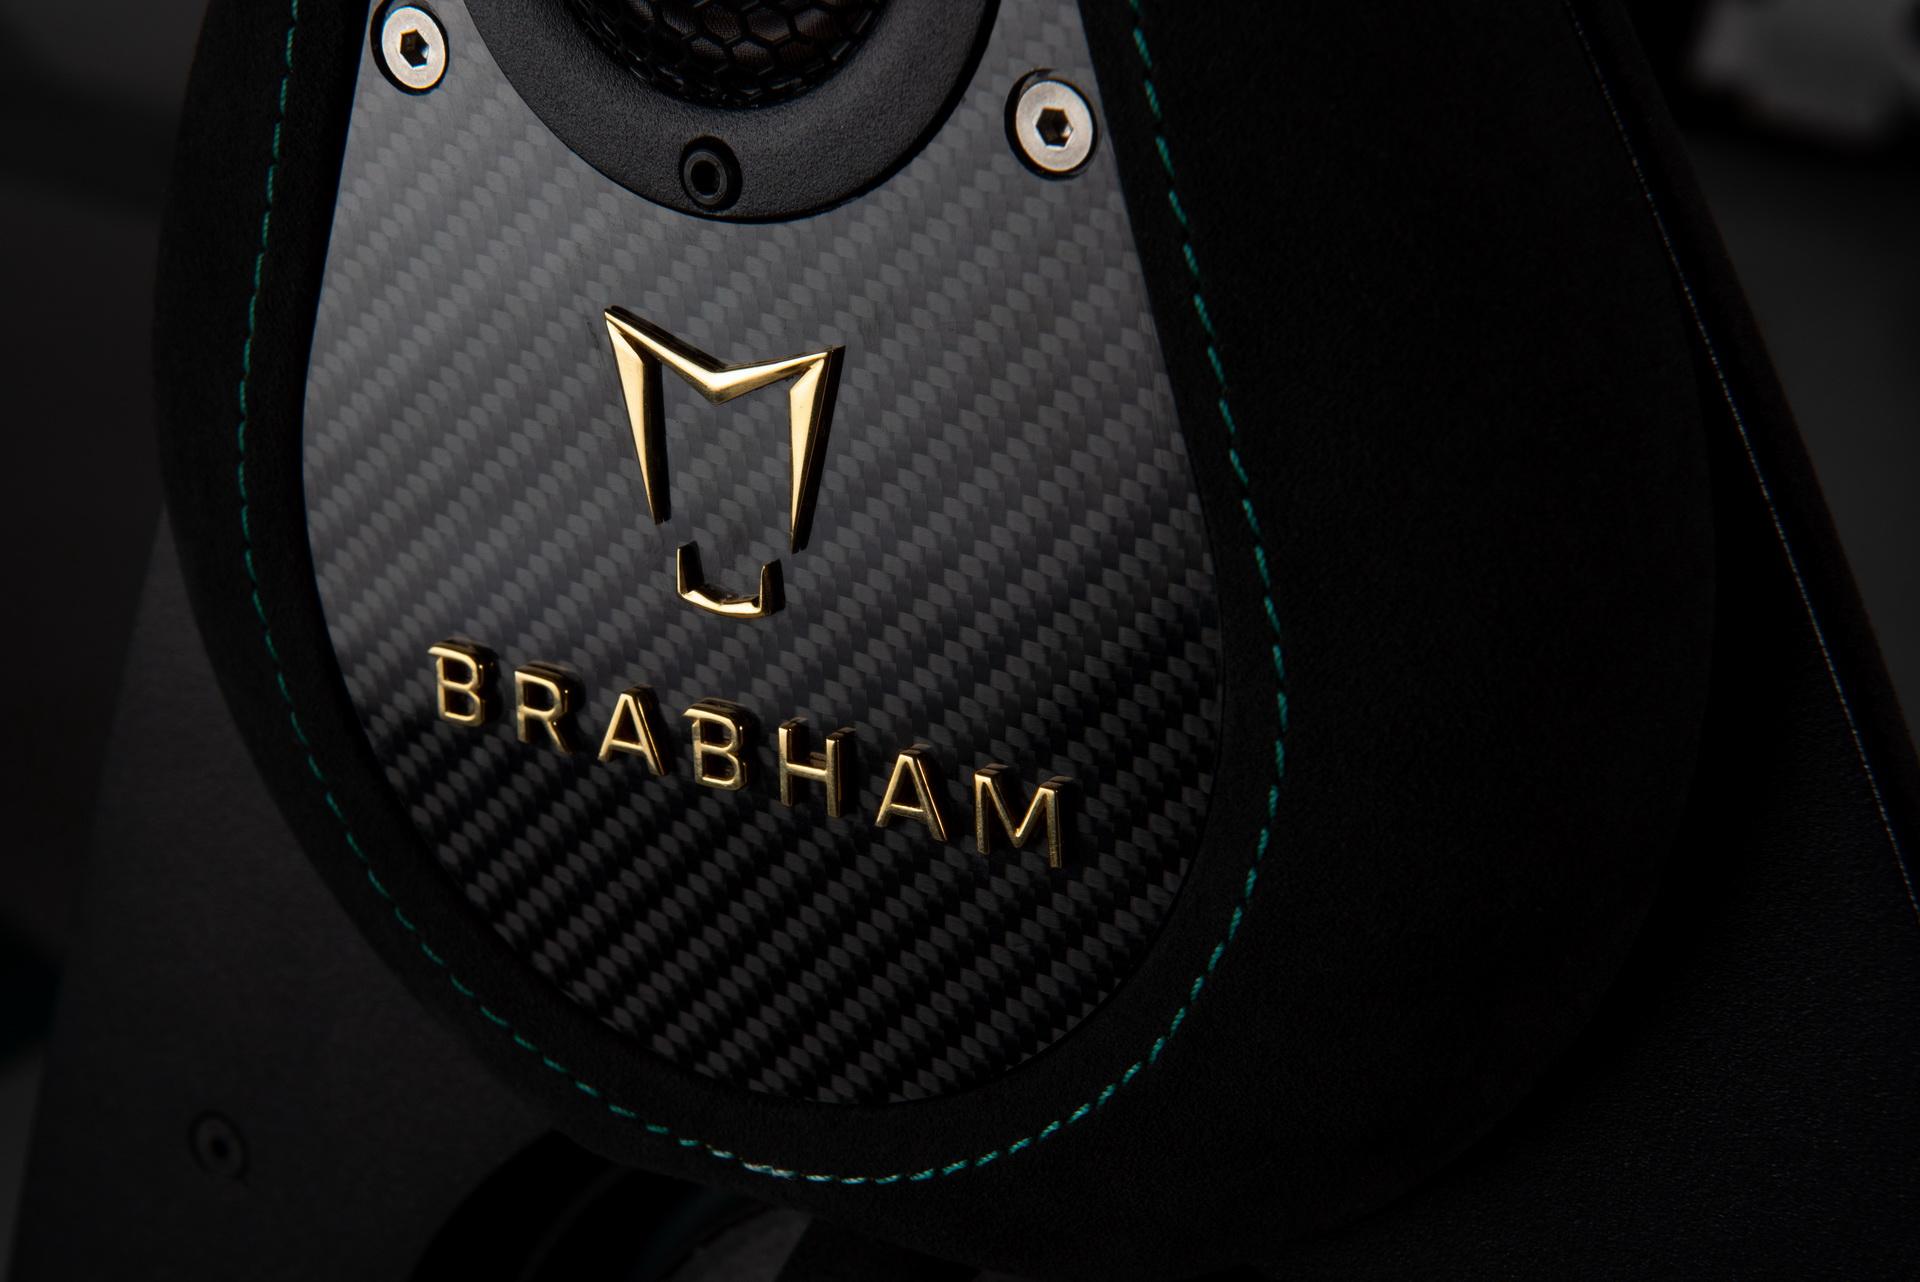 Brabham_Kyron_Sound_System_0005